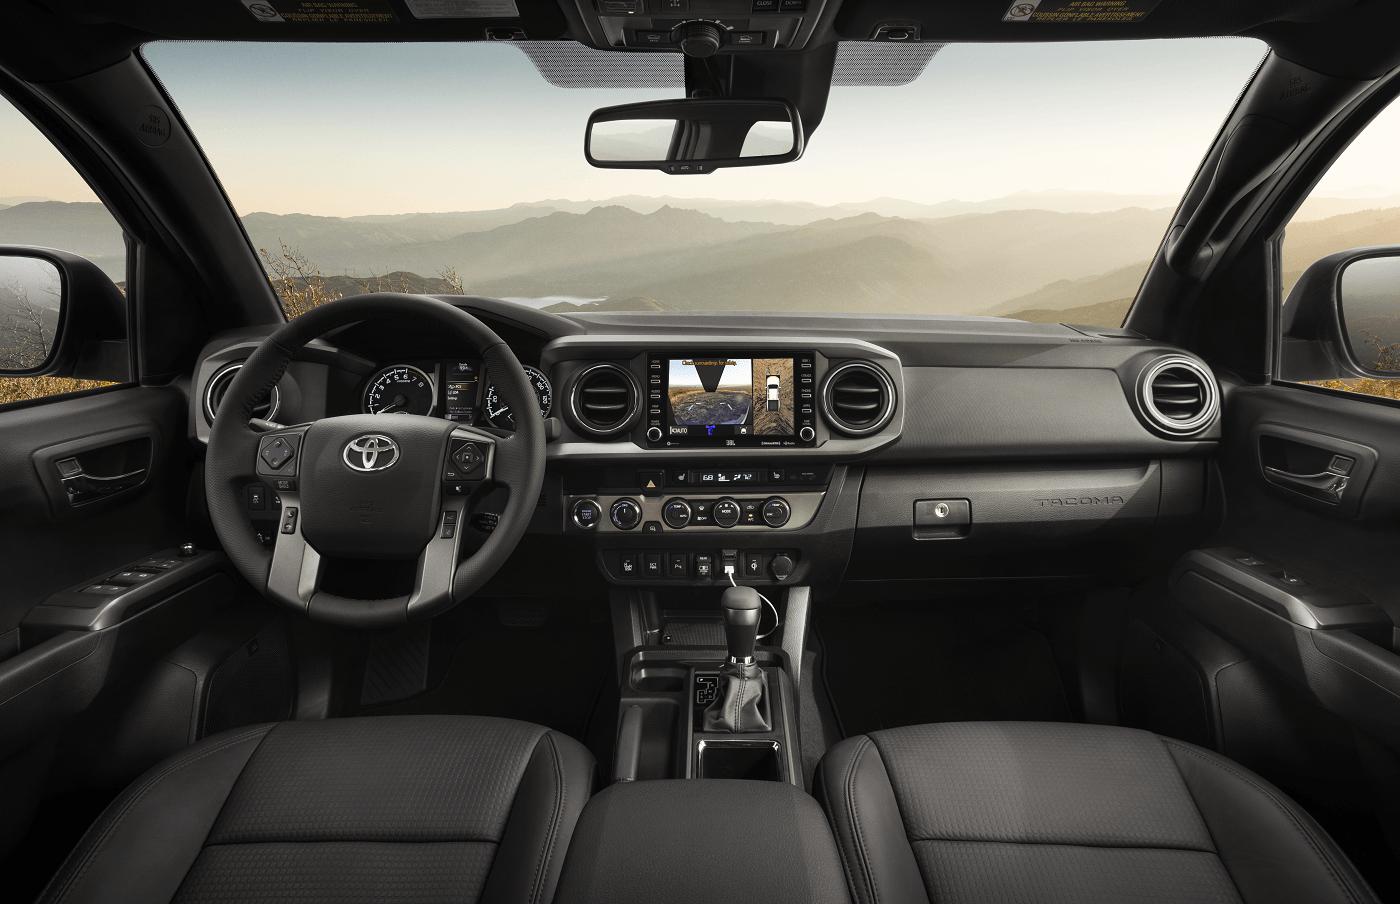 Toyota Tacoma Safety Technology